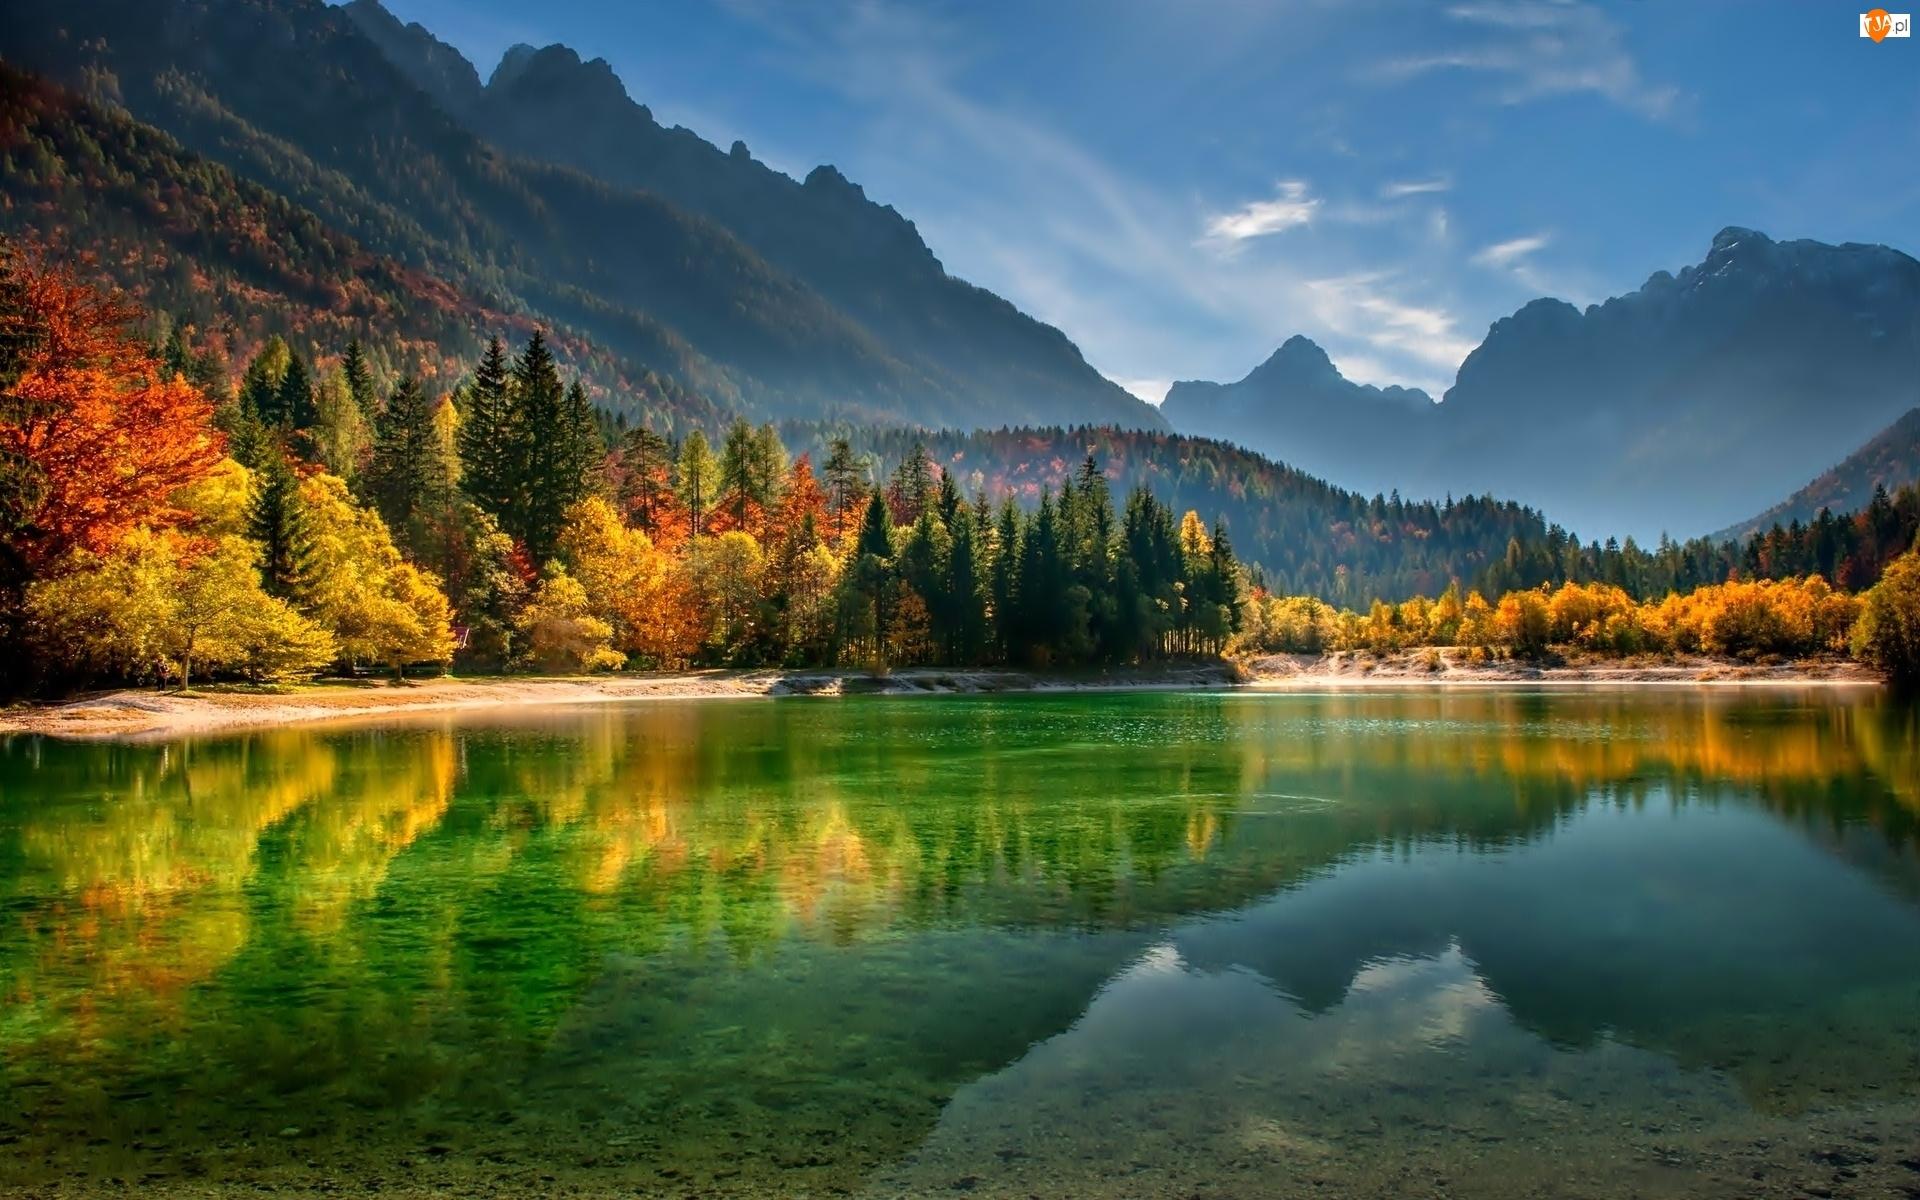 Słowenia, Jezioro, Lasy, Góry, Jesień